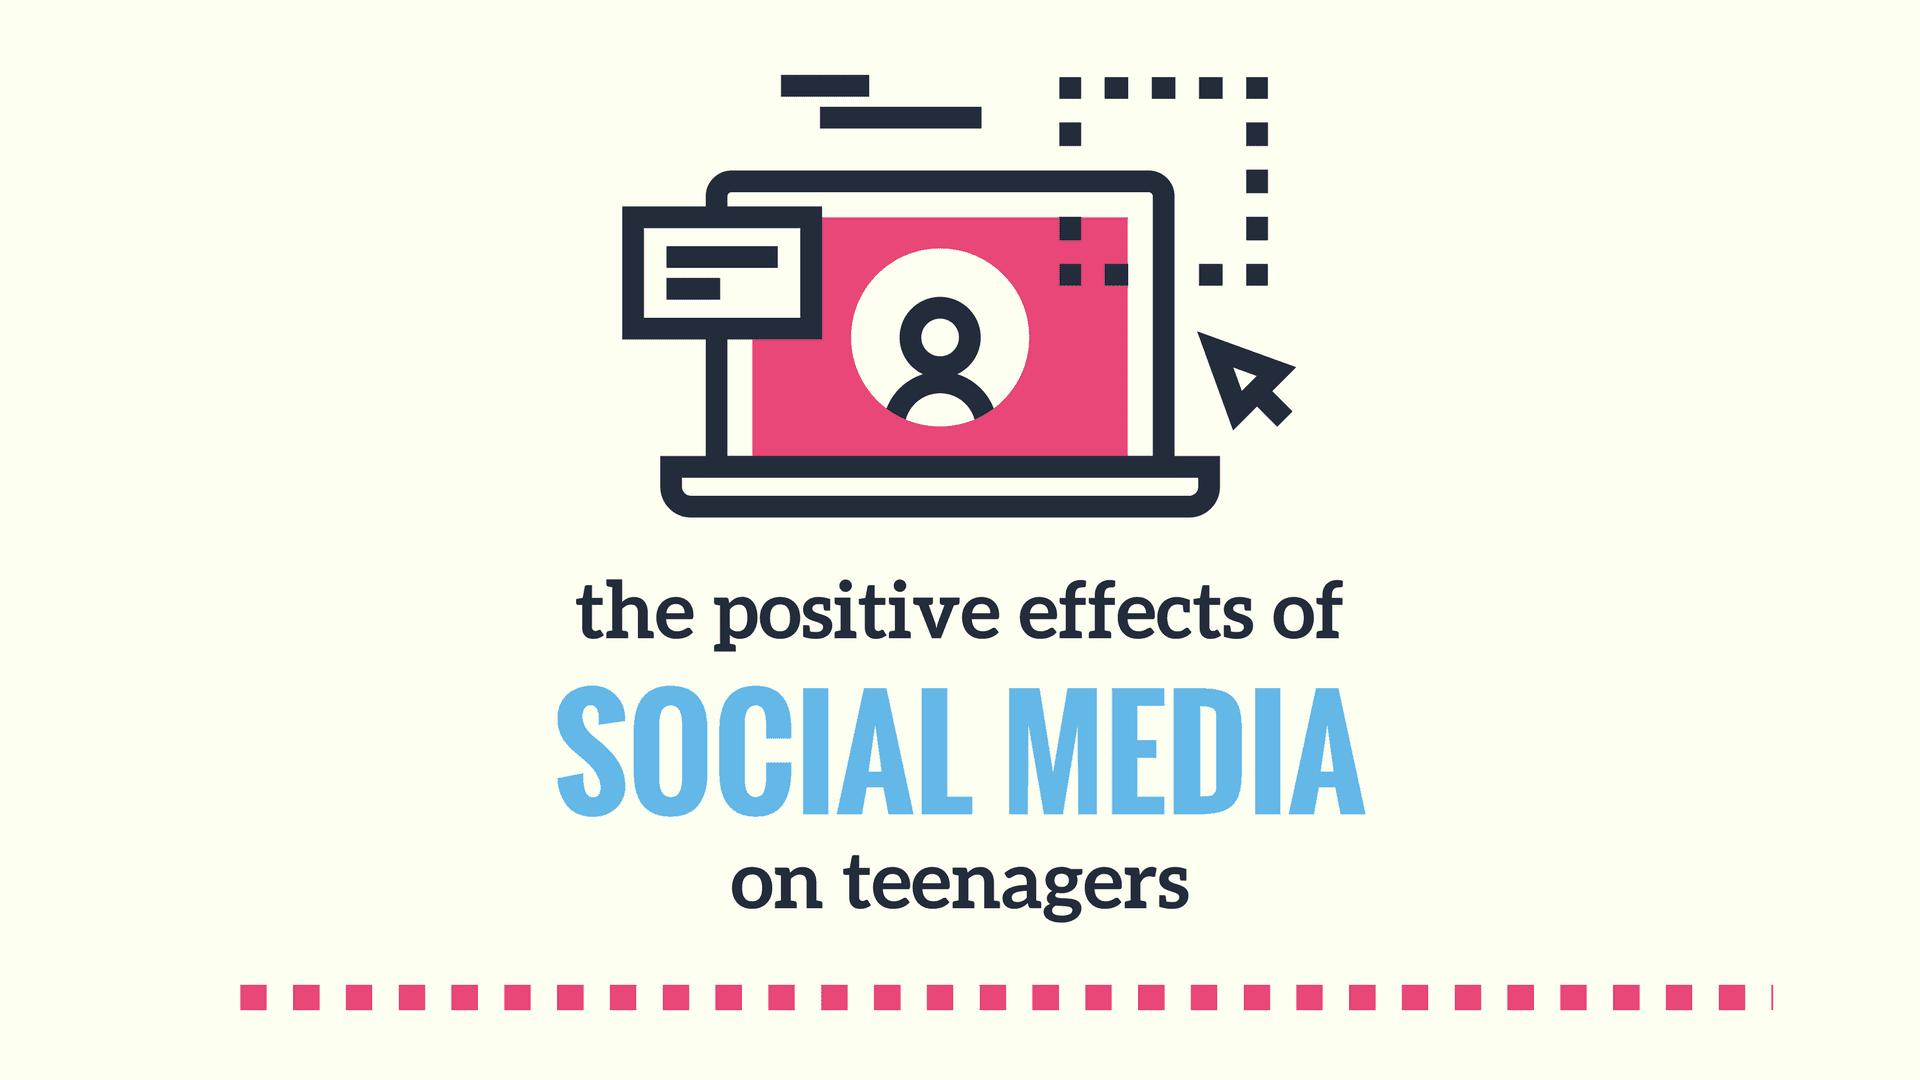 Pink Vector Social Media Technology Presentation